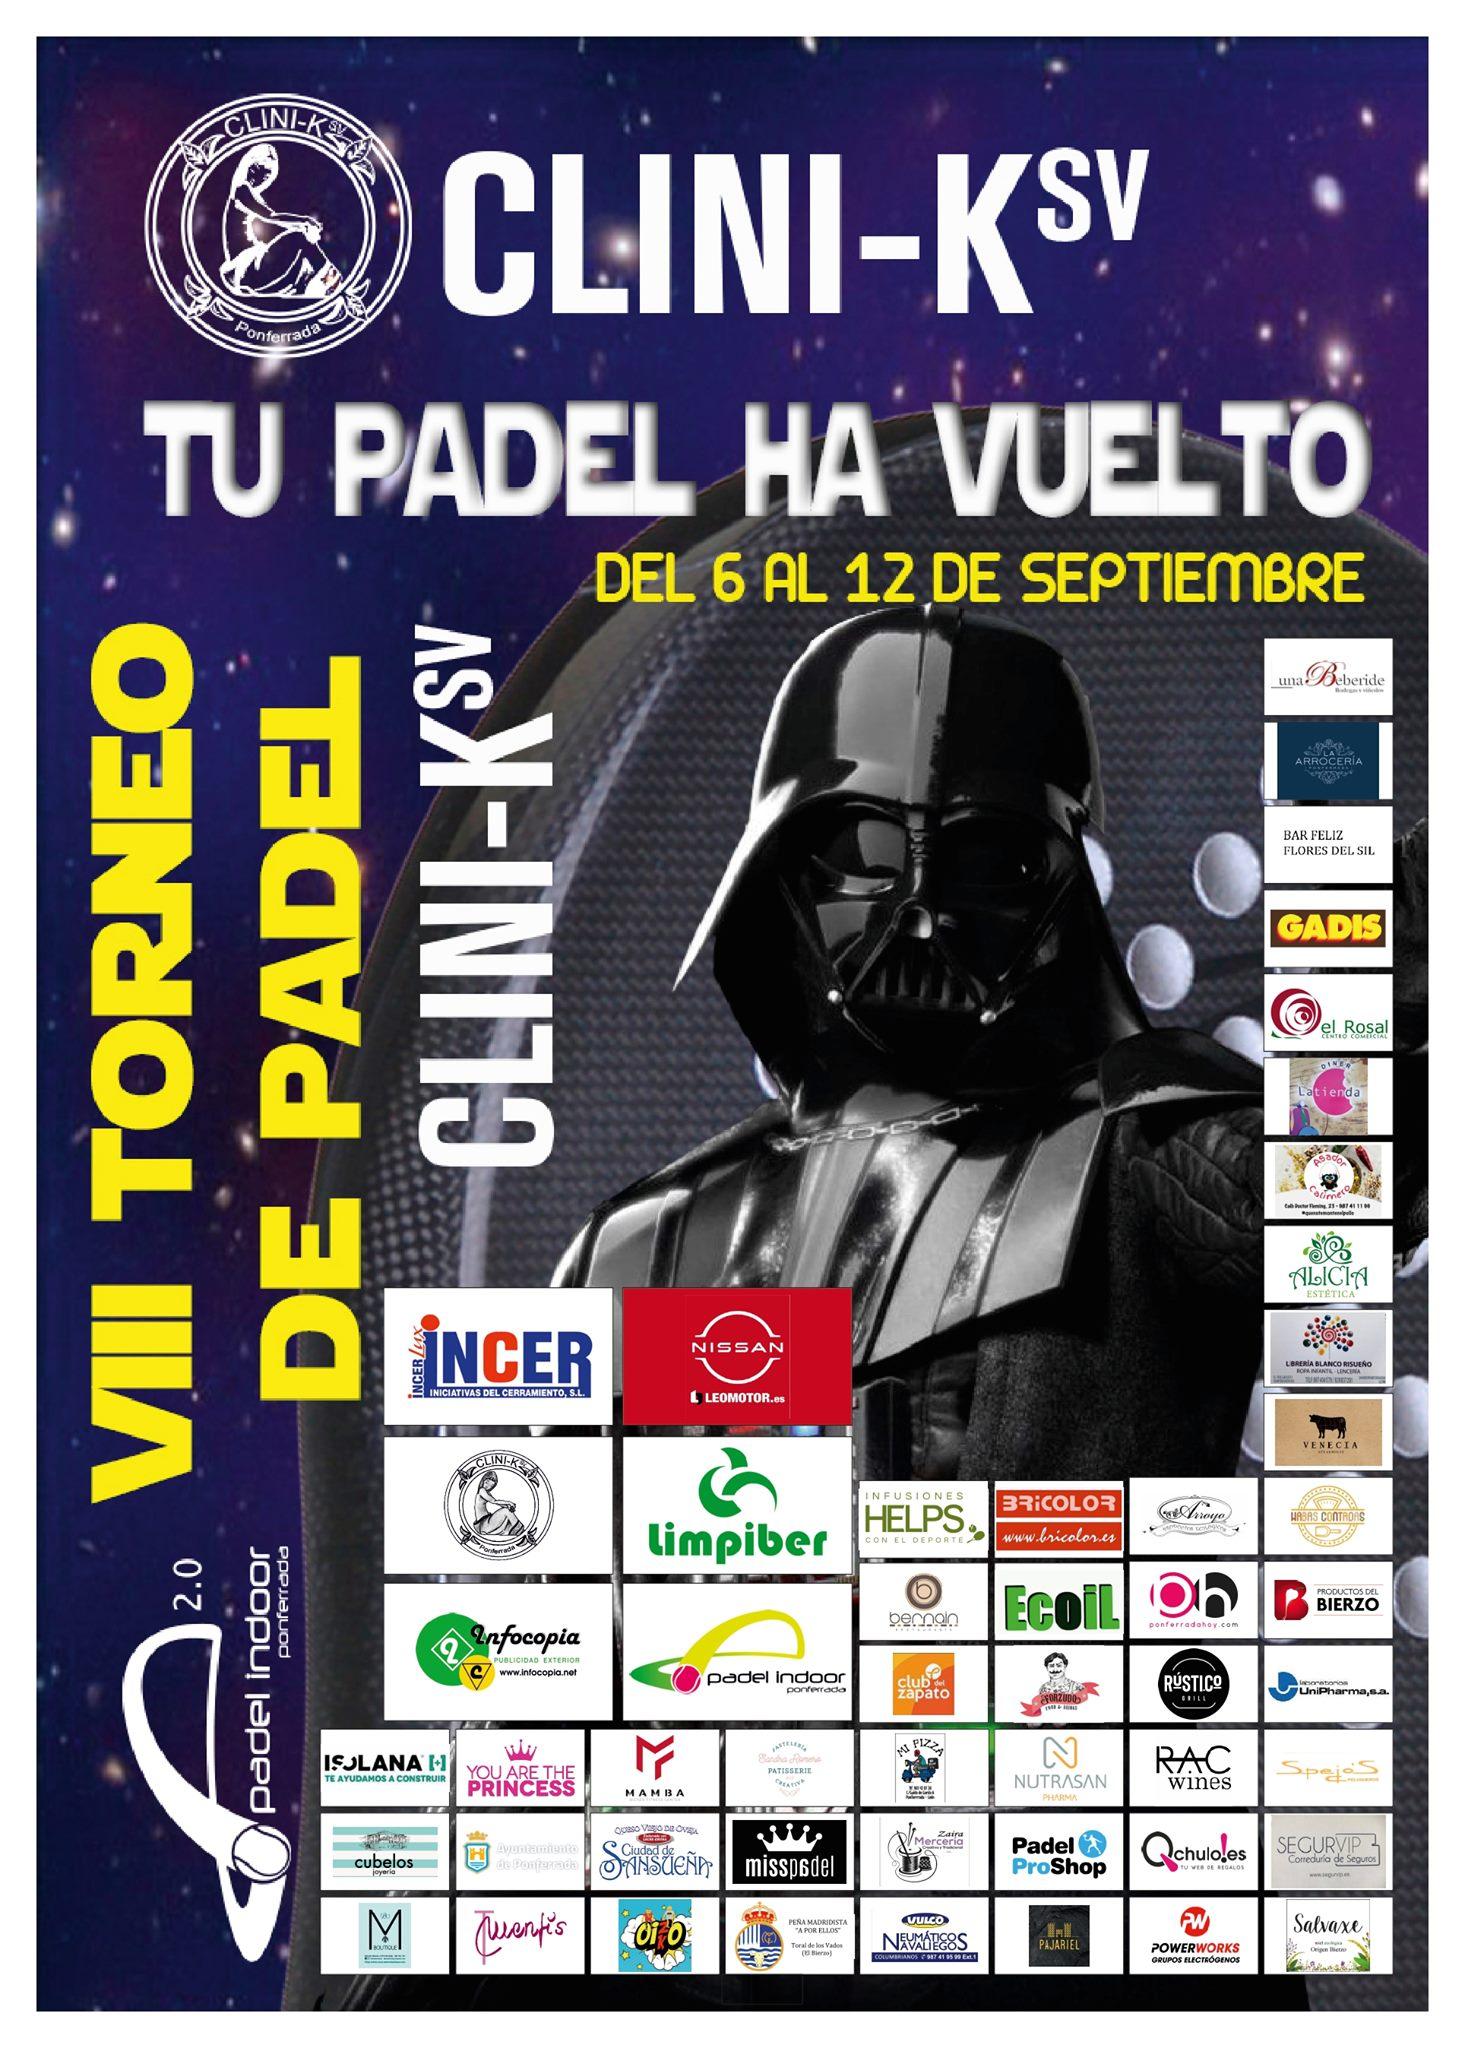 Fiestas de la Encina 2021 en Ponferrada. Programa completo de fiestas 6